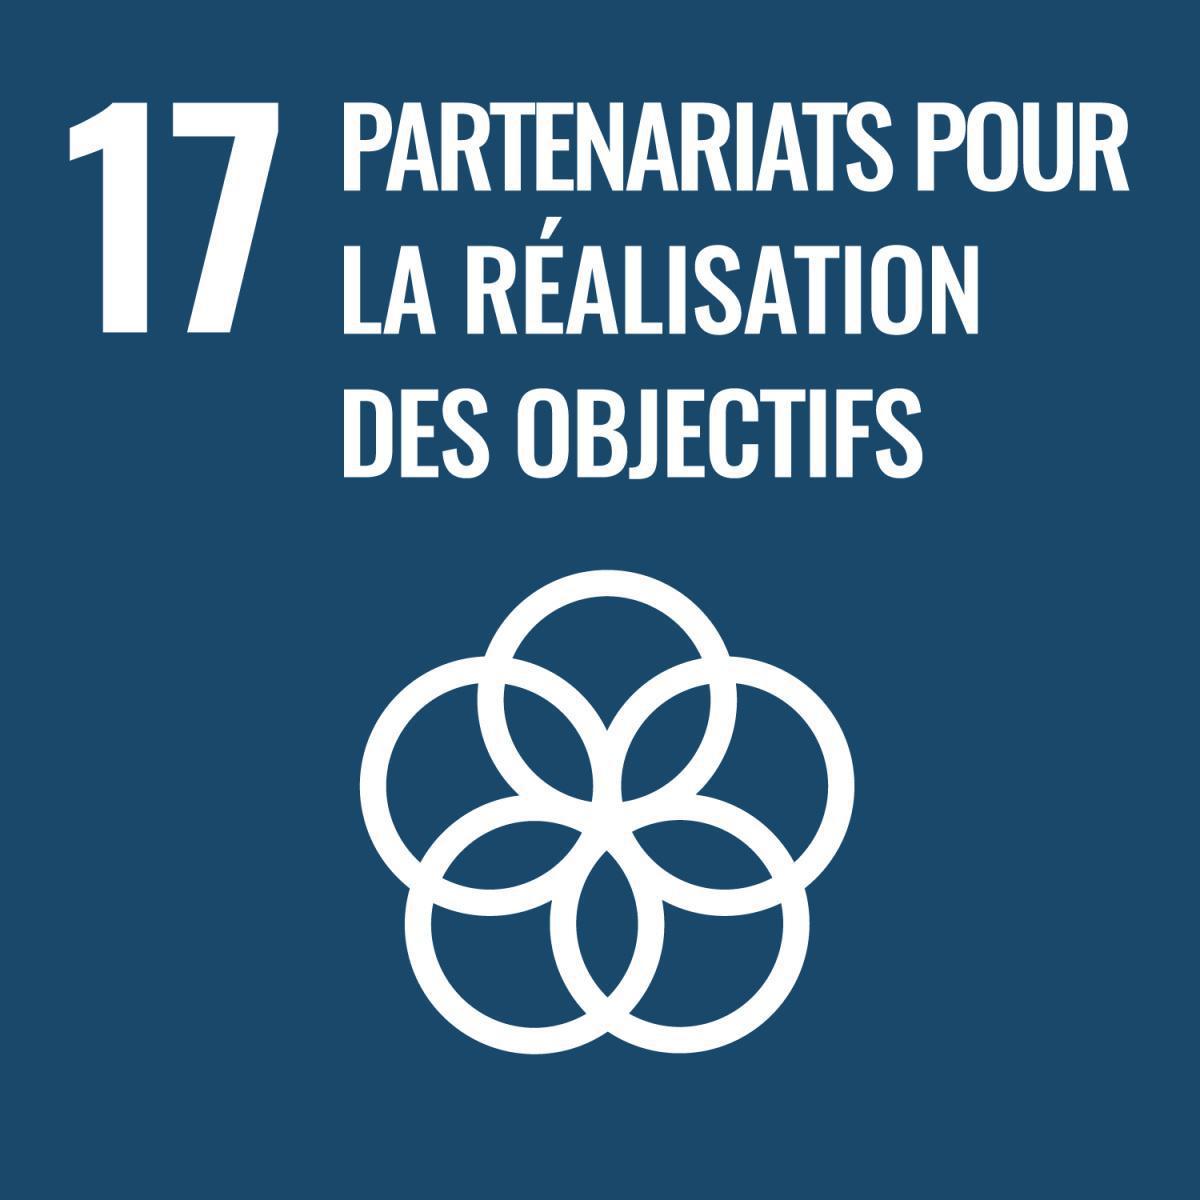 OBJECTIFS DE DÉVELOPPEMENT DURABLE (French)